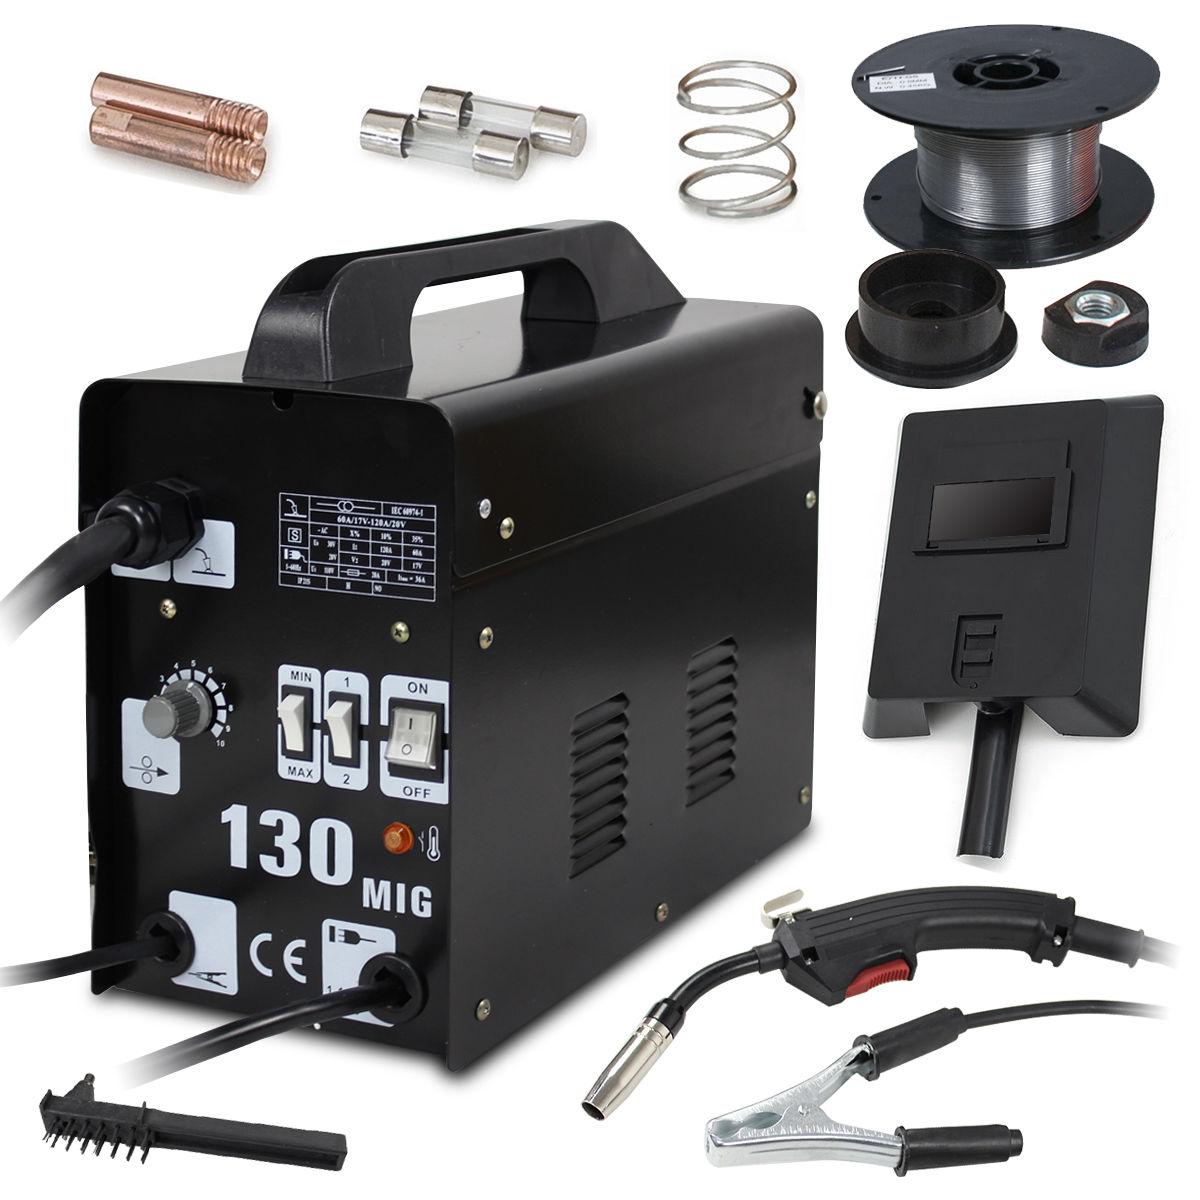 Gizmo Supply MIG-130 Flux Core Wire Welder Machine 115V